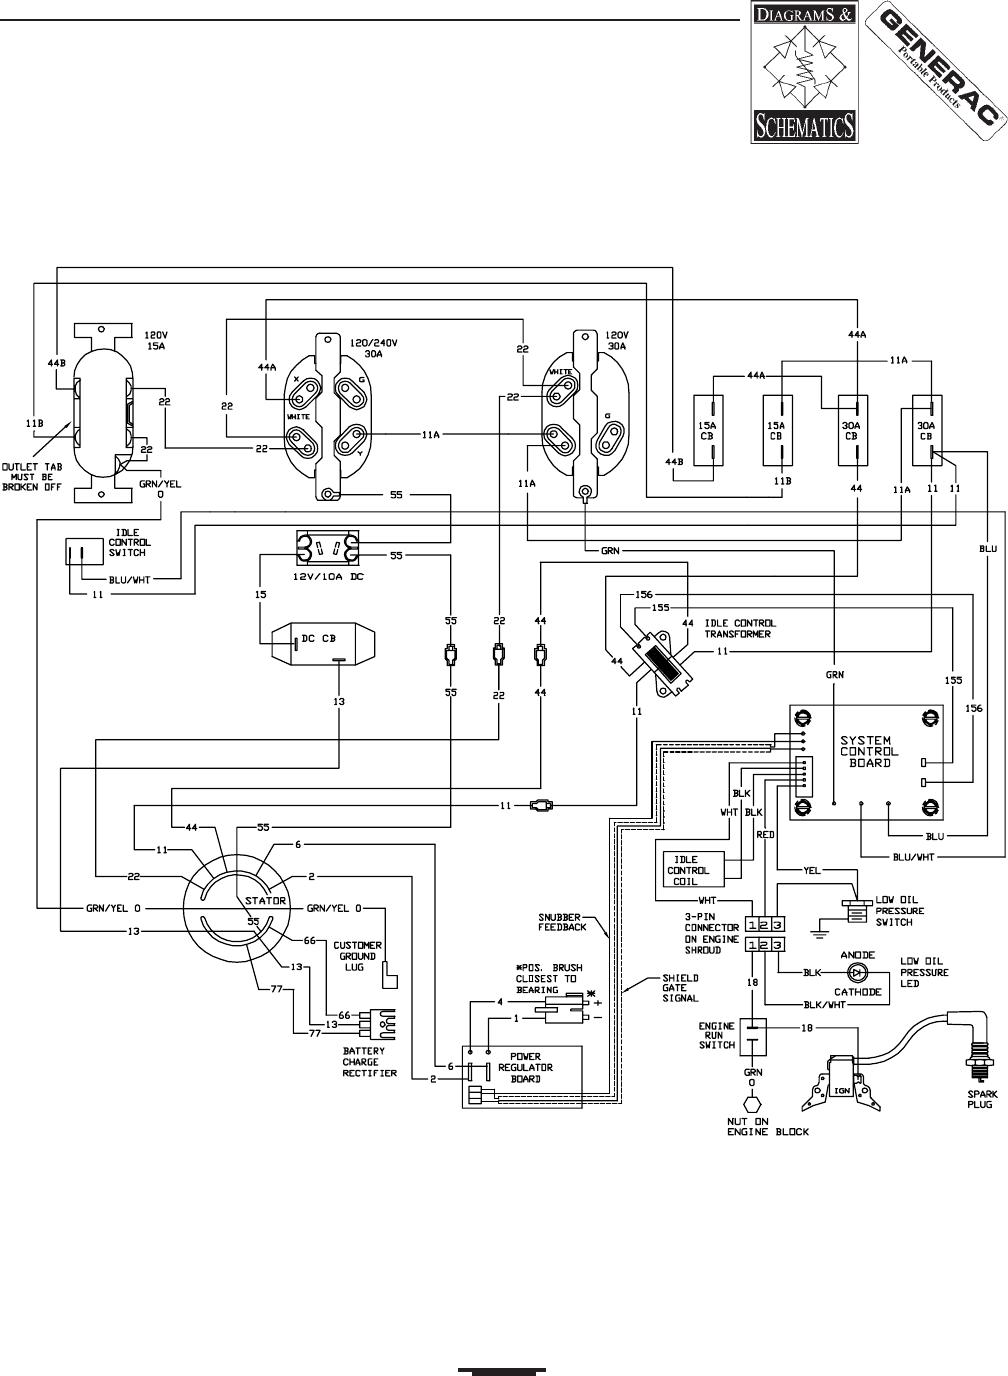 goulds pump wiring diagram 26 wiring diagram images gould century 1081 pool pump wiring diagram Shallow Well Jet Pump Installation Diagram